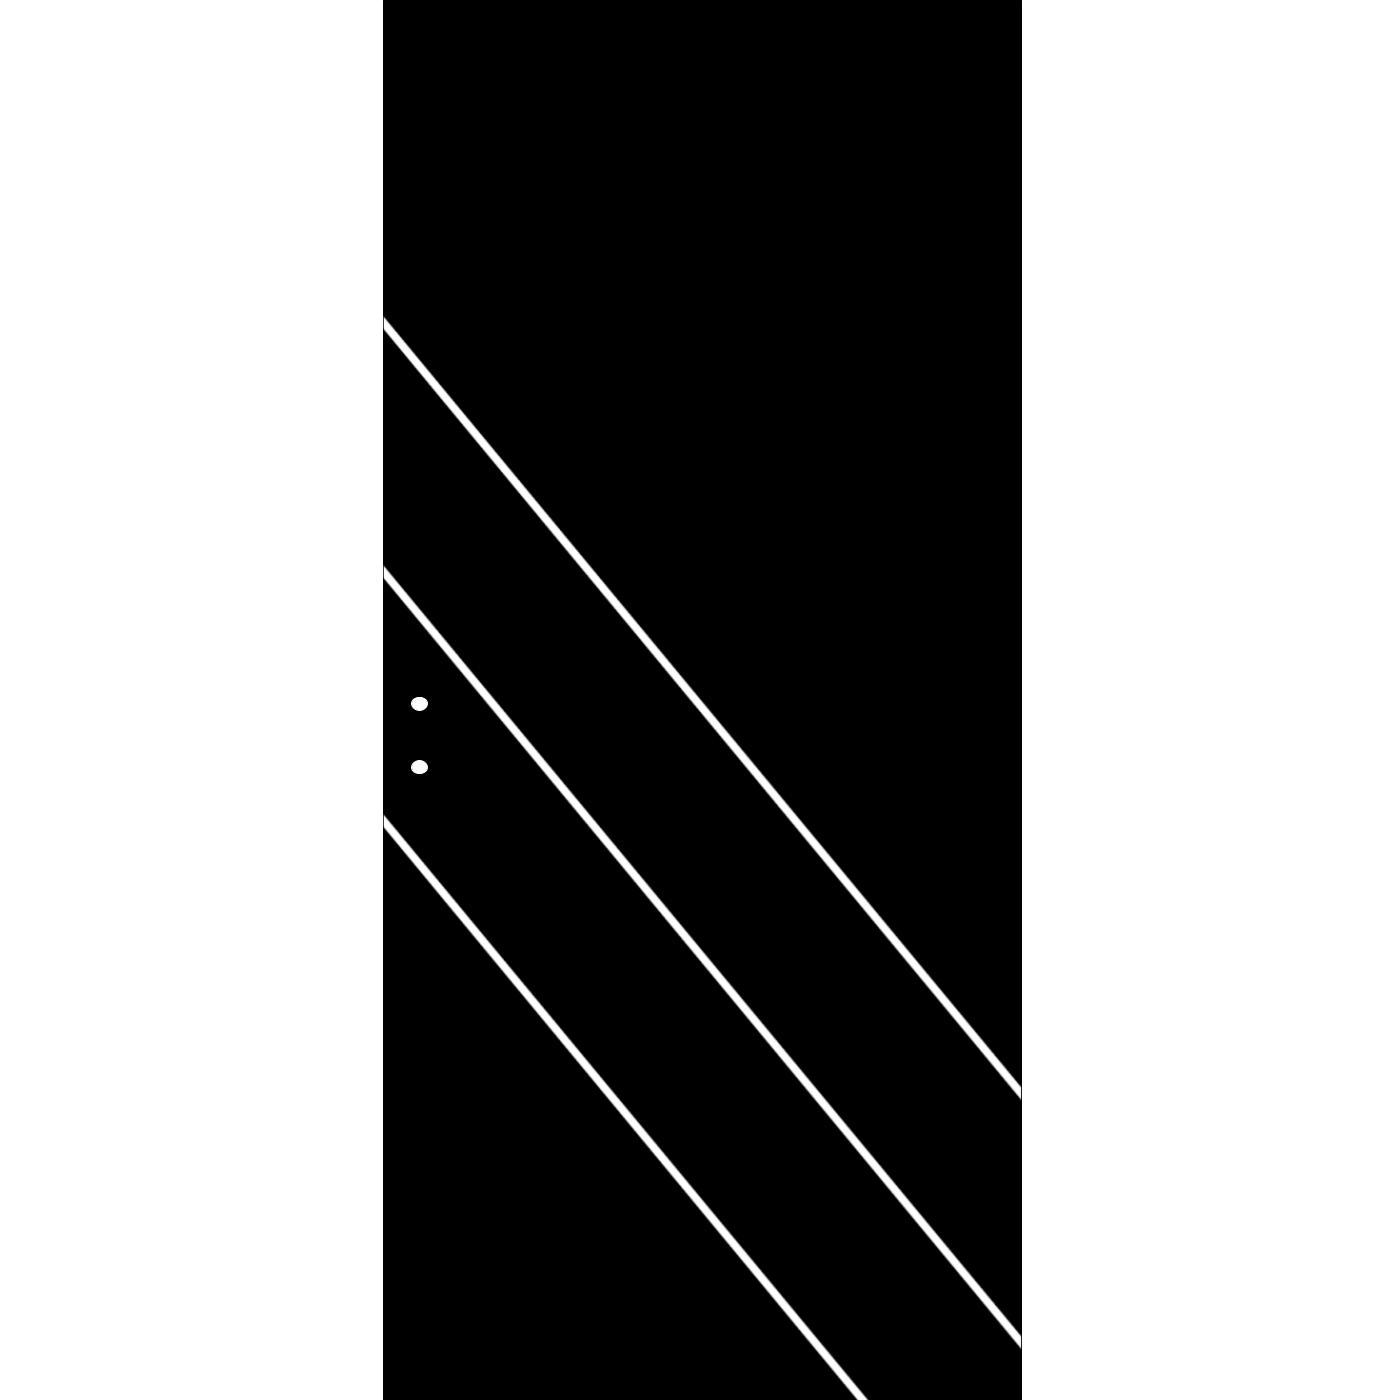 4316 Ηρακλειά